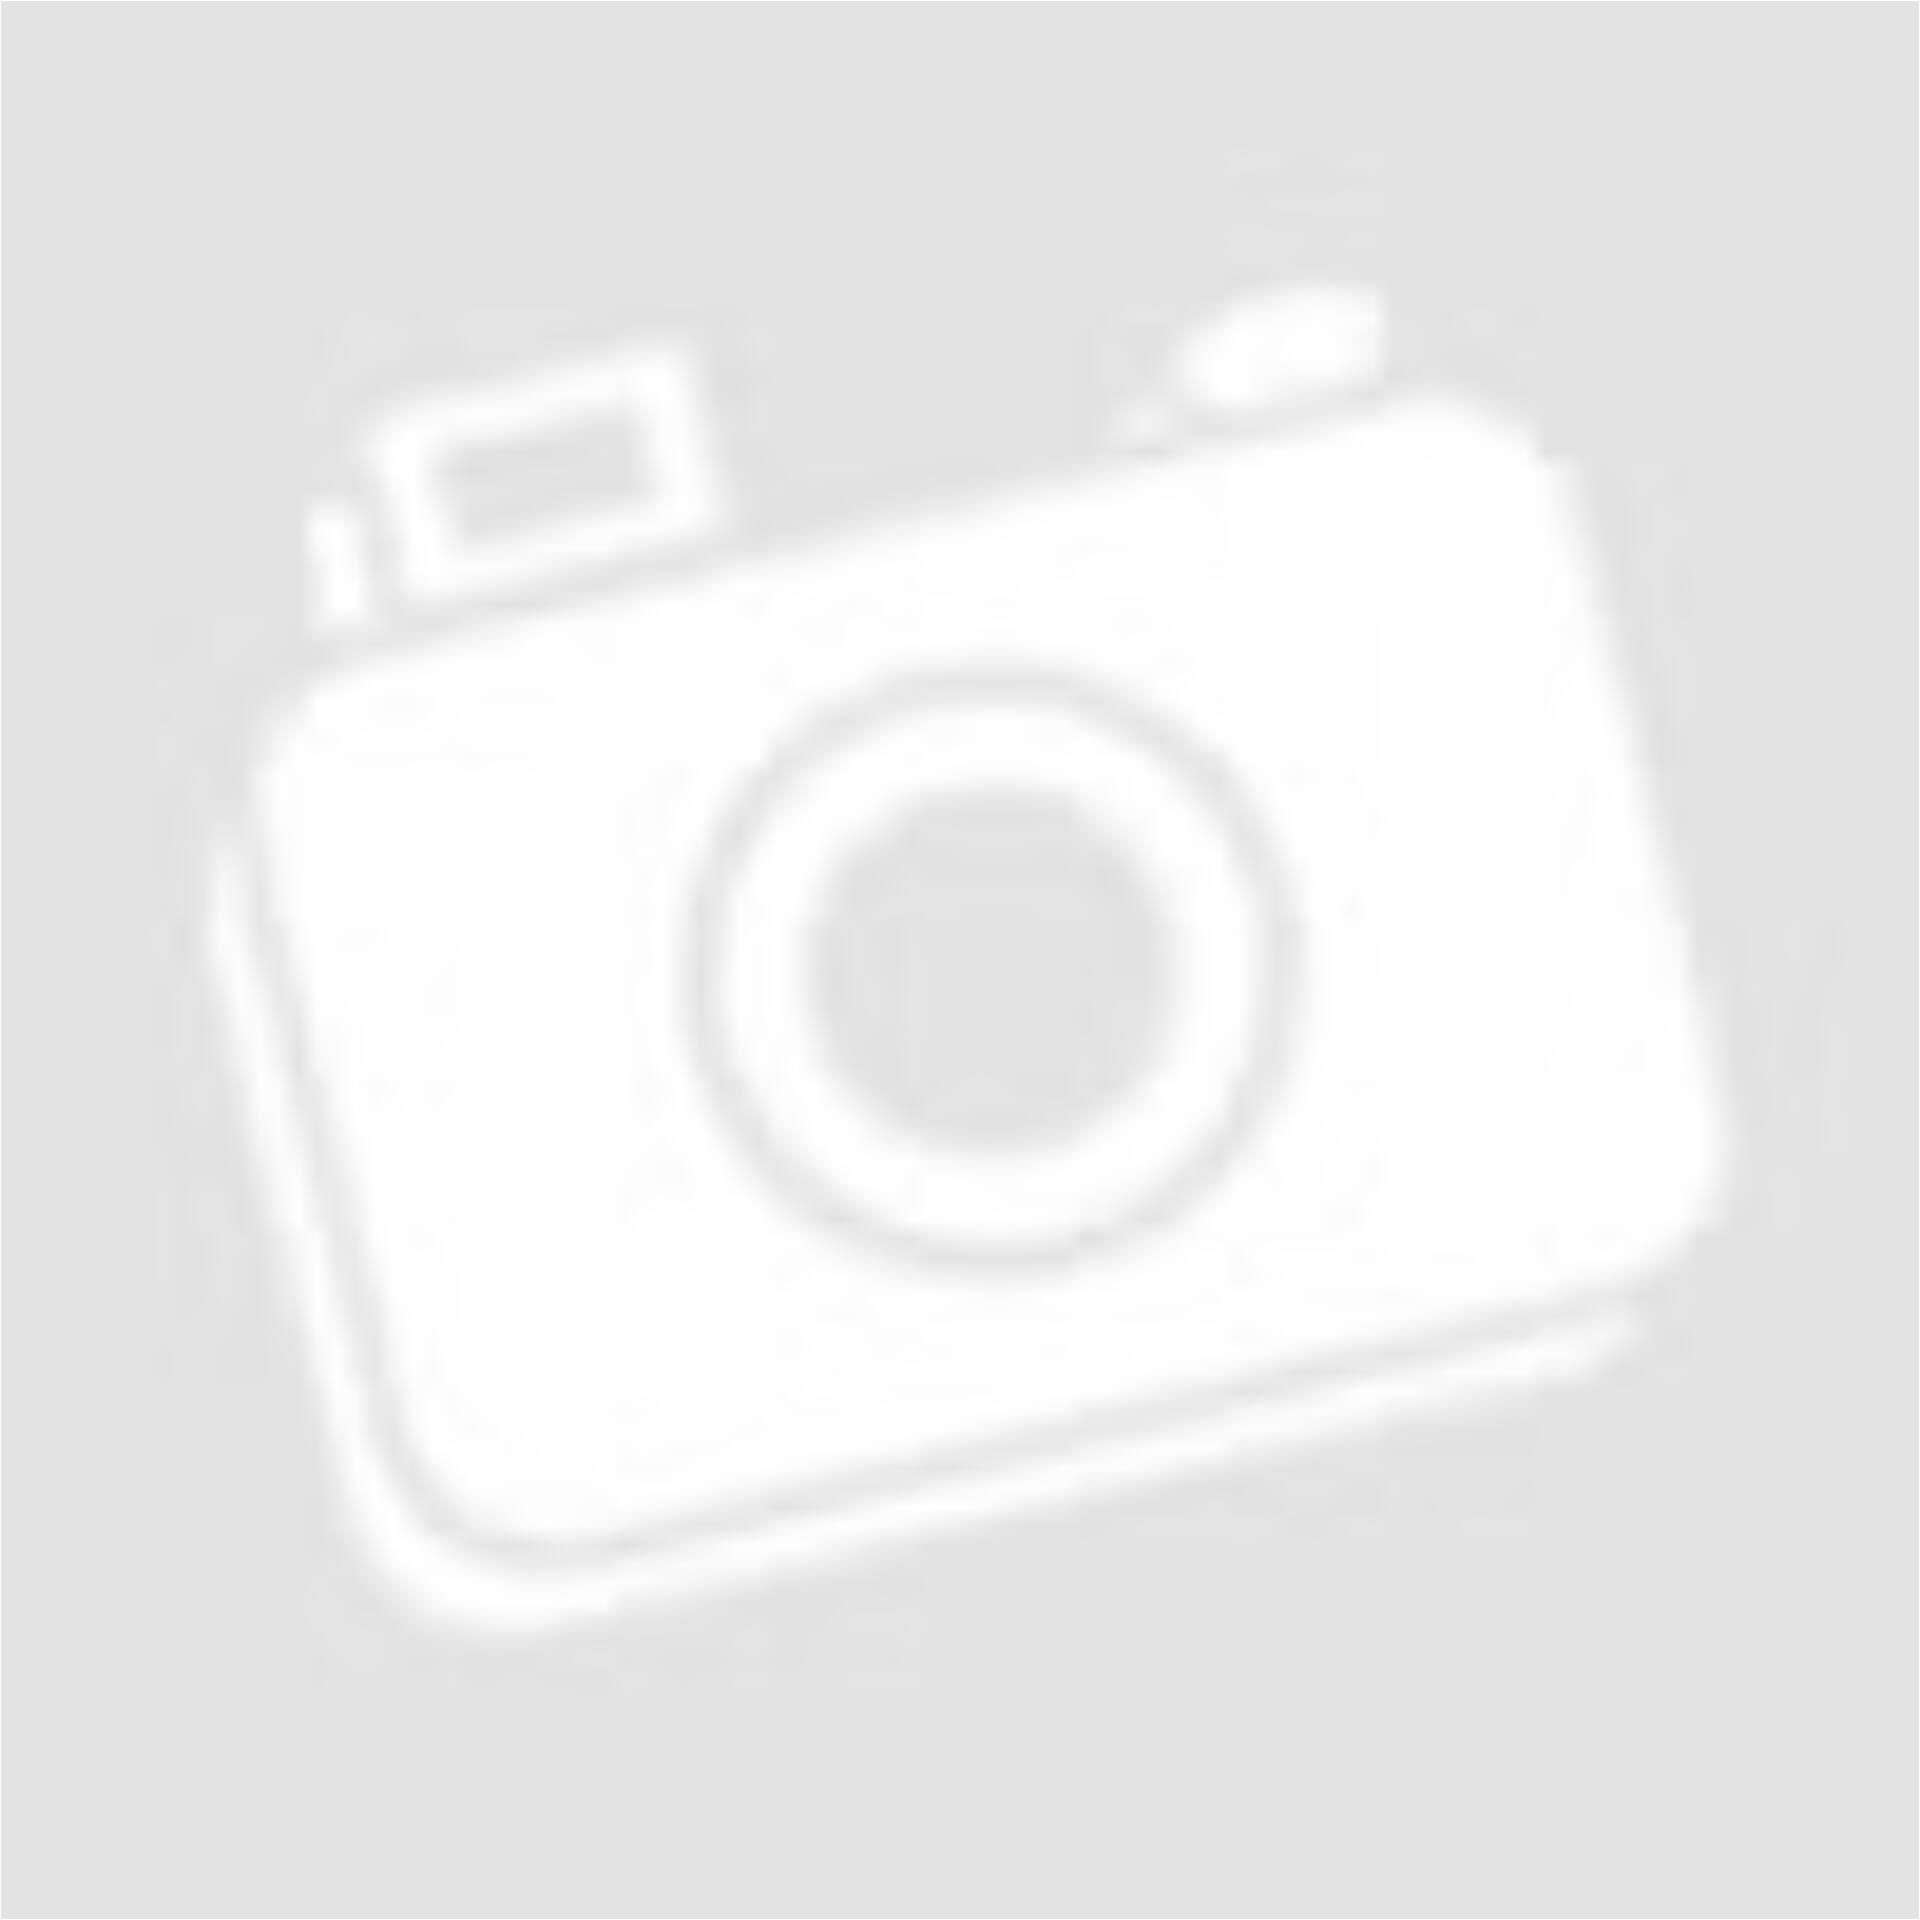 DESINERS piros topp (Méret  L) - Női póló 0fec8a0834